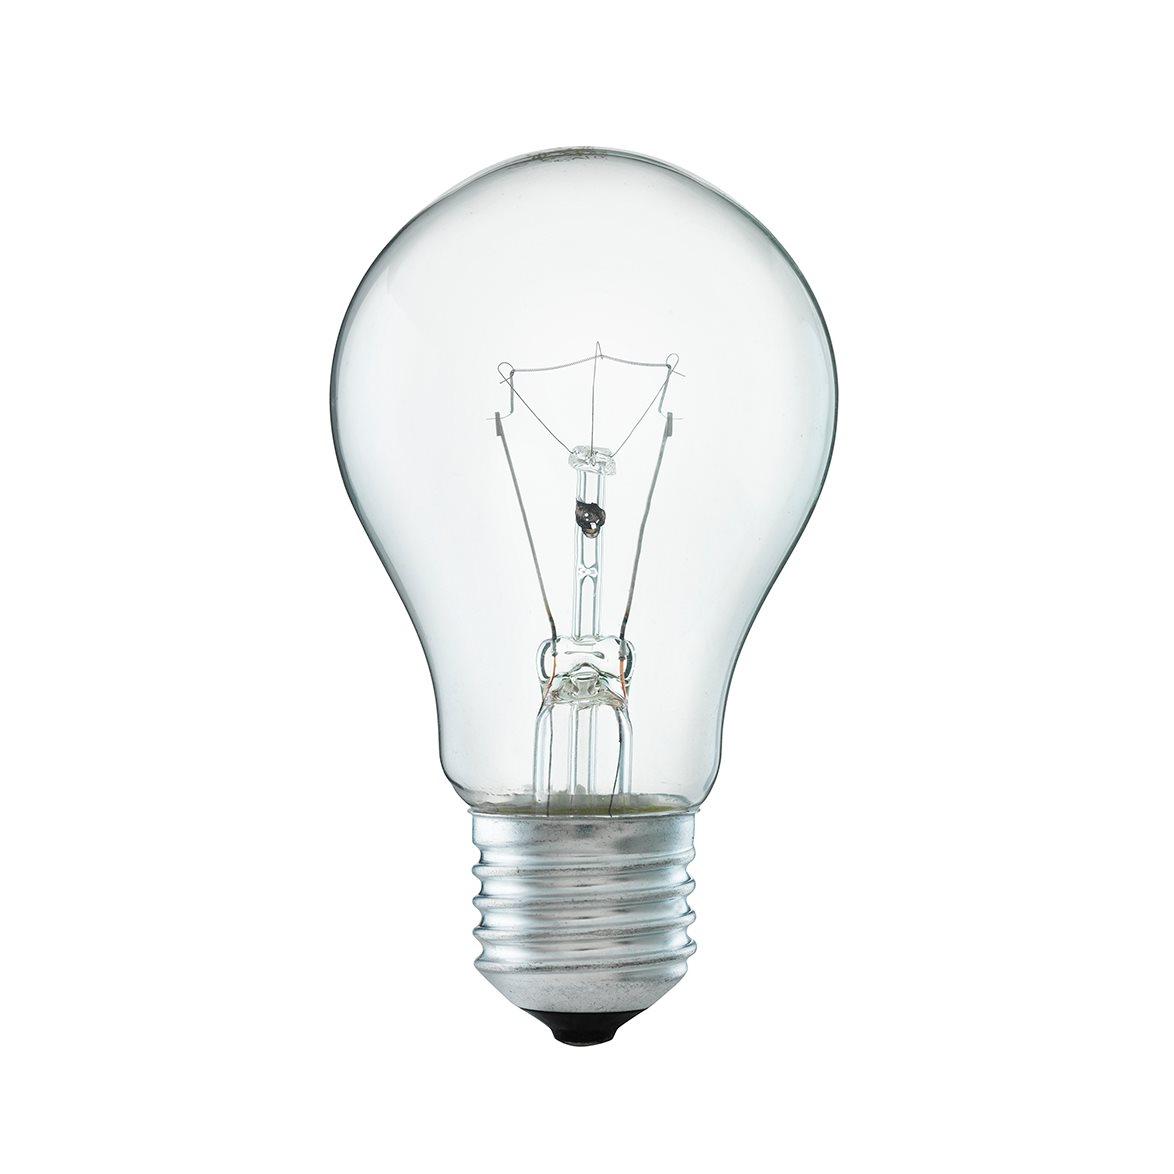 Glödlampa 150W normal E27, klar